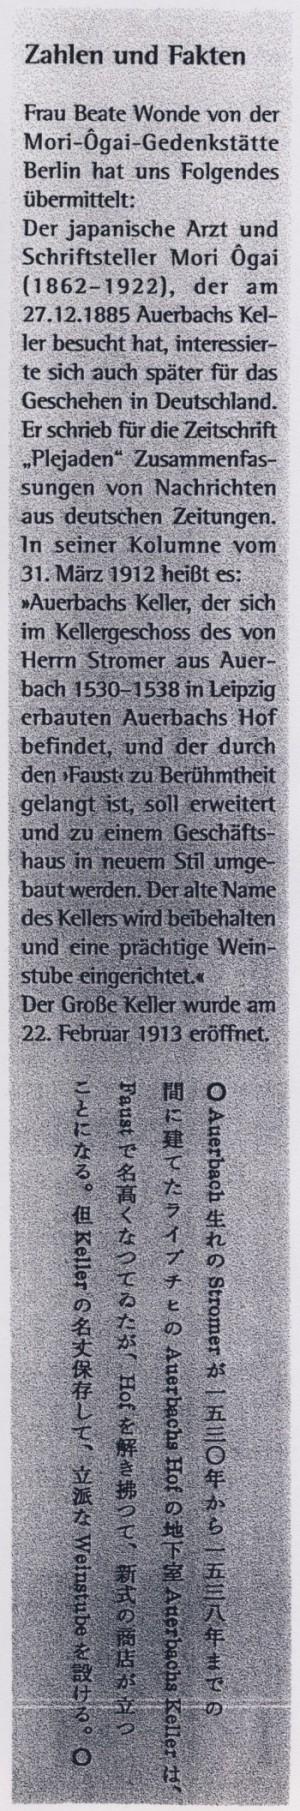 """""""Zahlen und Fakten"""", Kellerkurier 2, 2010, S.3"""